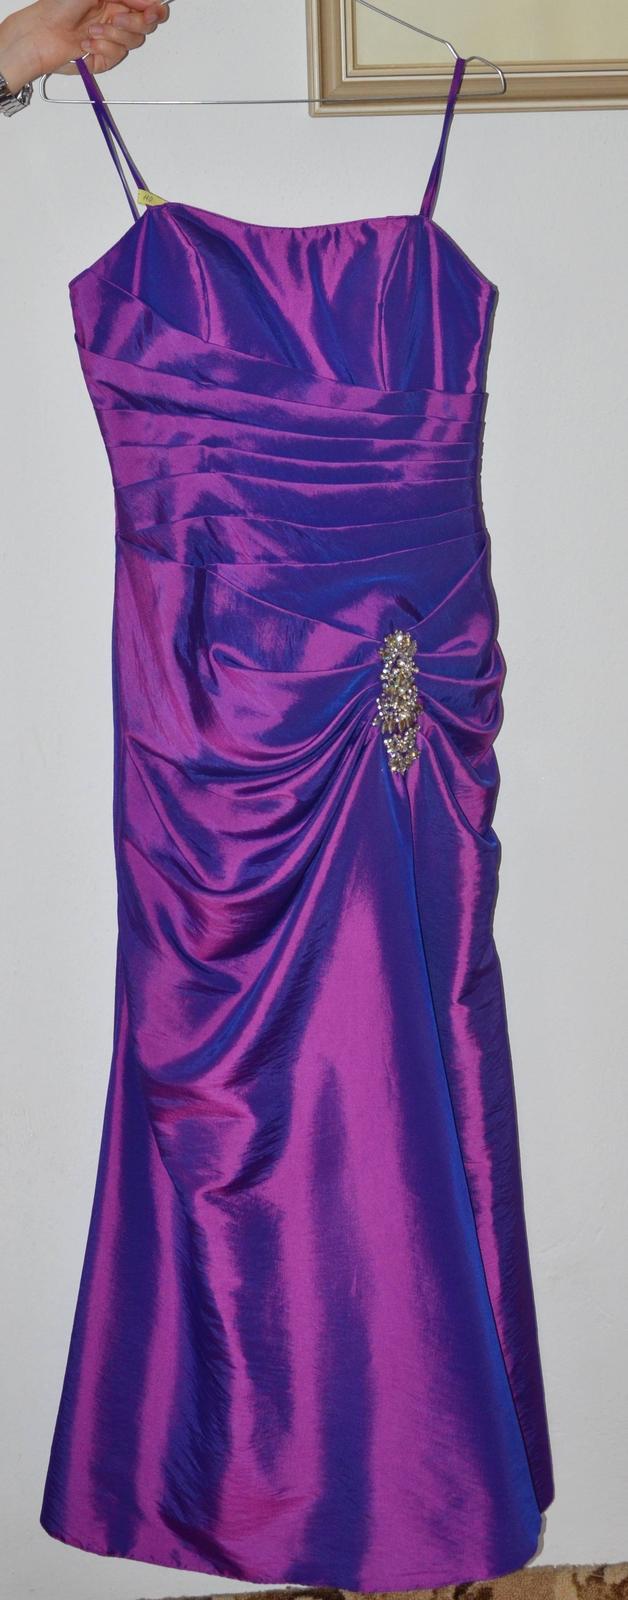 Dlhé spoločenské šaty fialovo-modrej farby - Obrázok č. 1